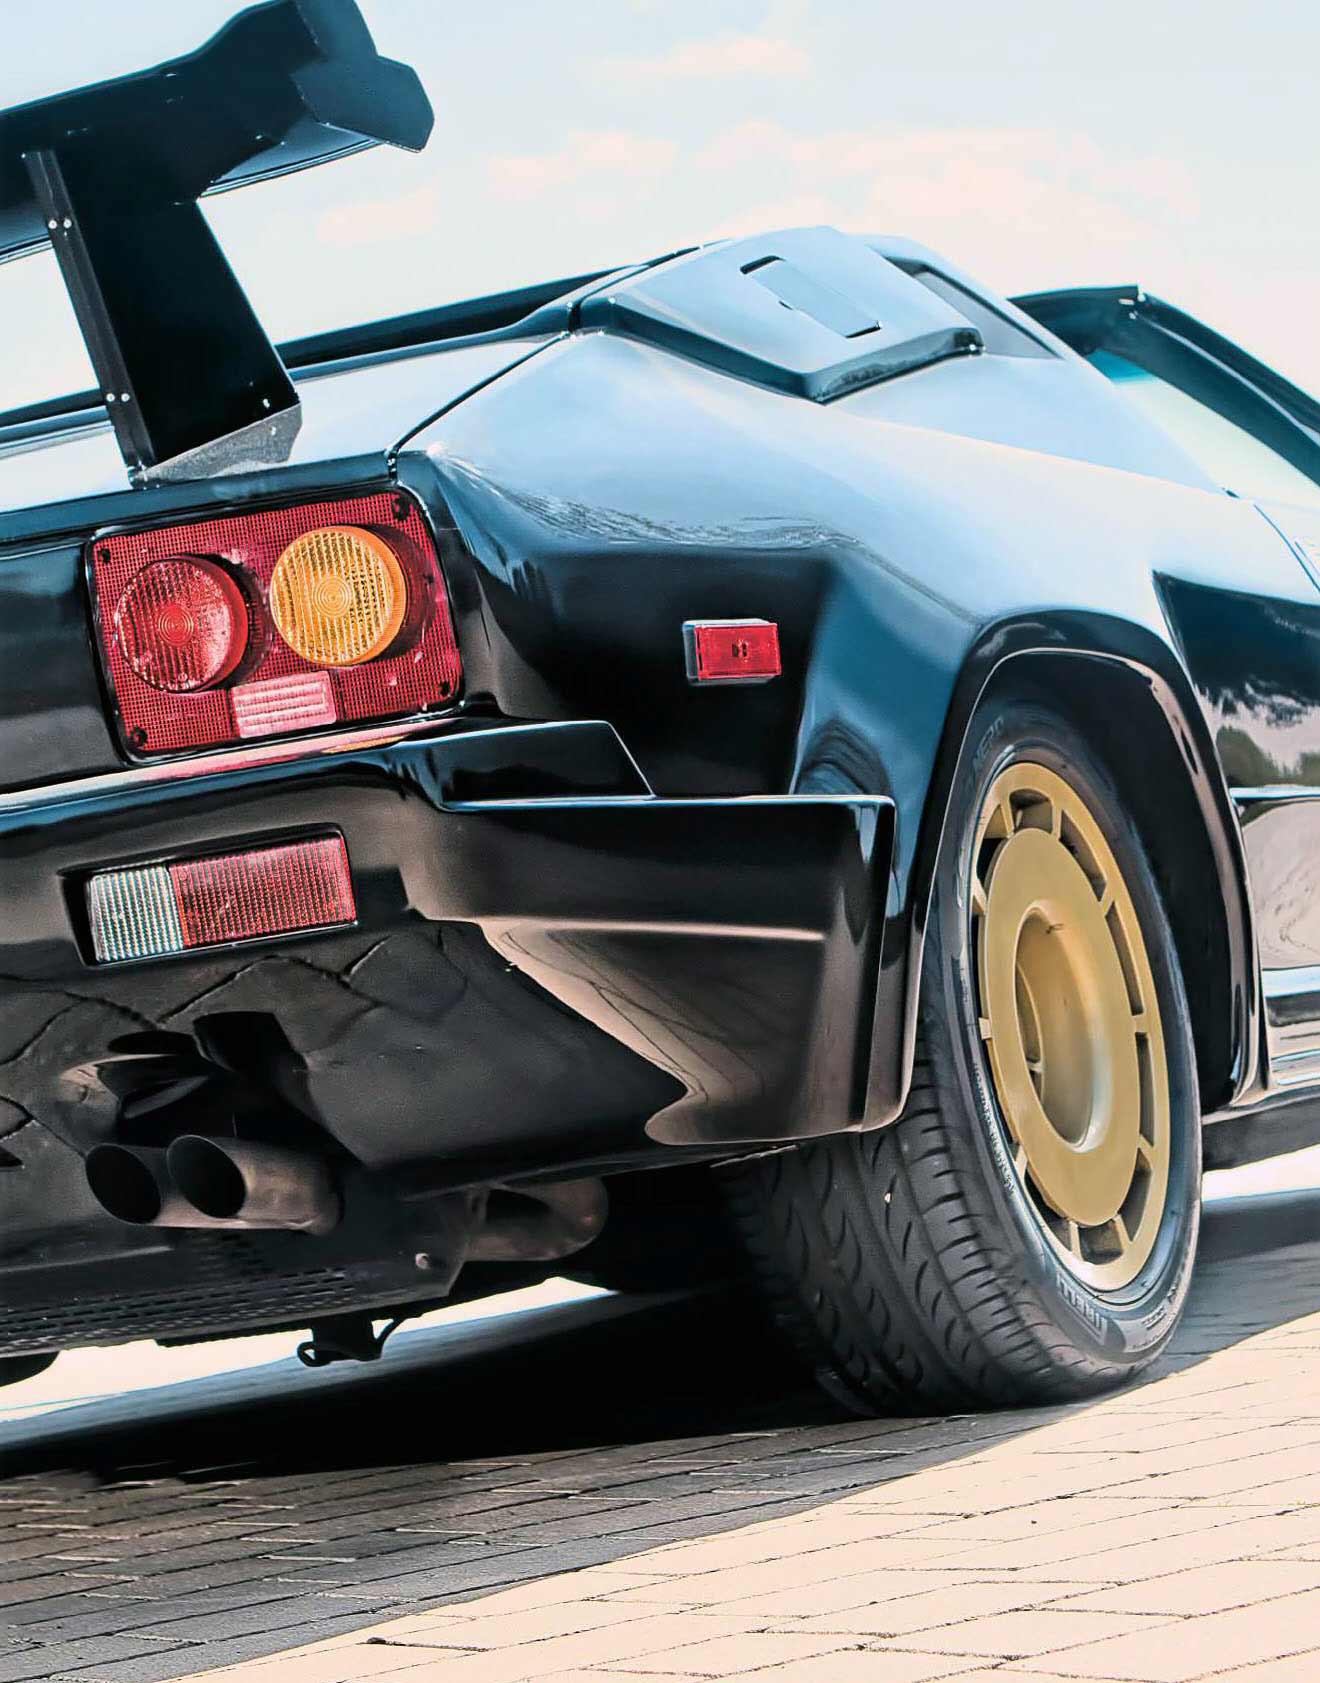 Lamborghini Jalpa driven